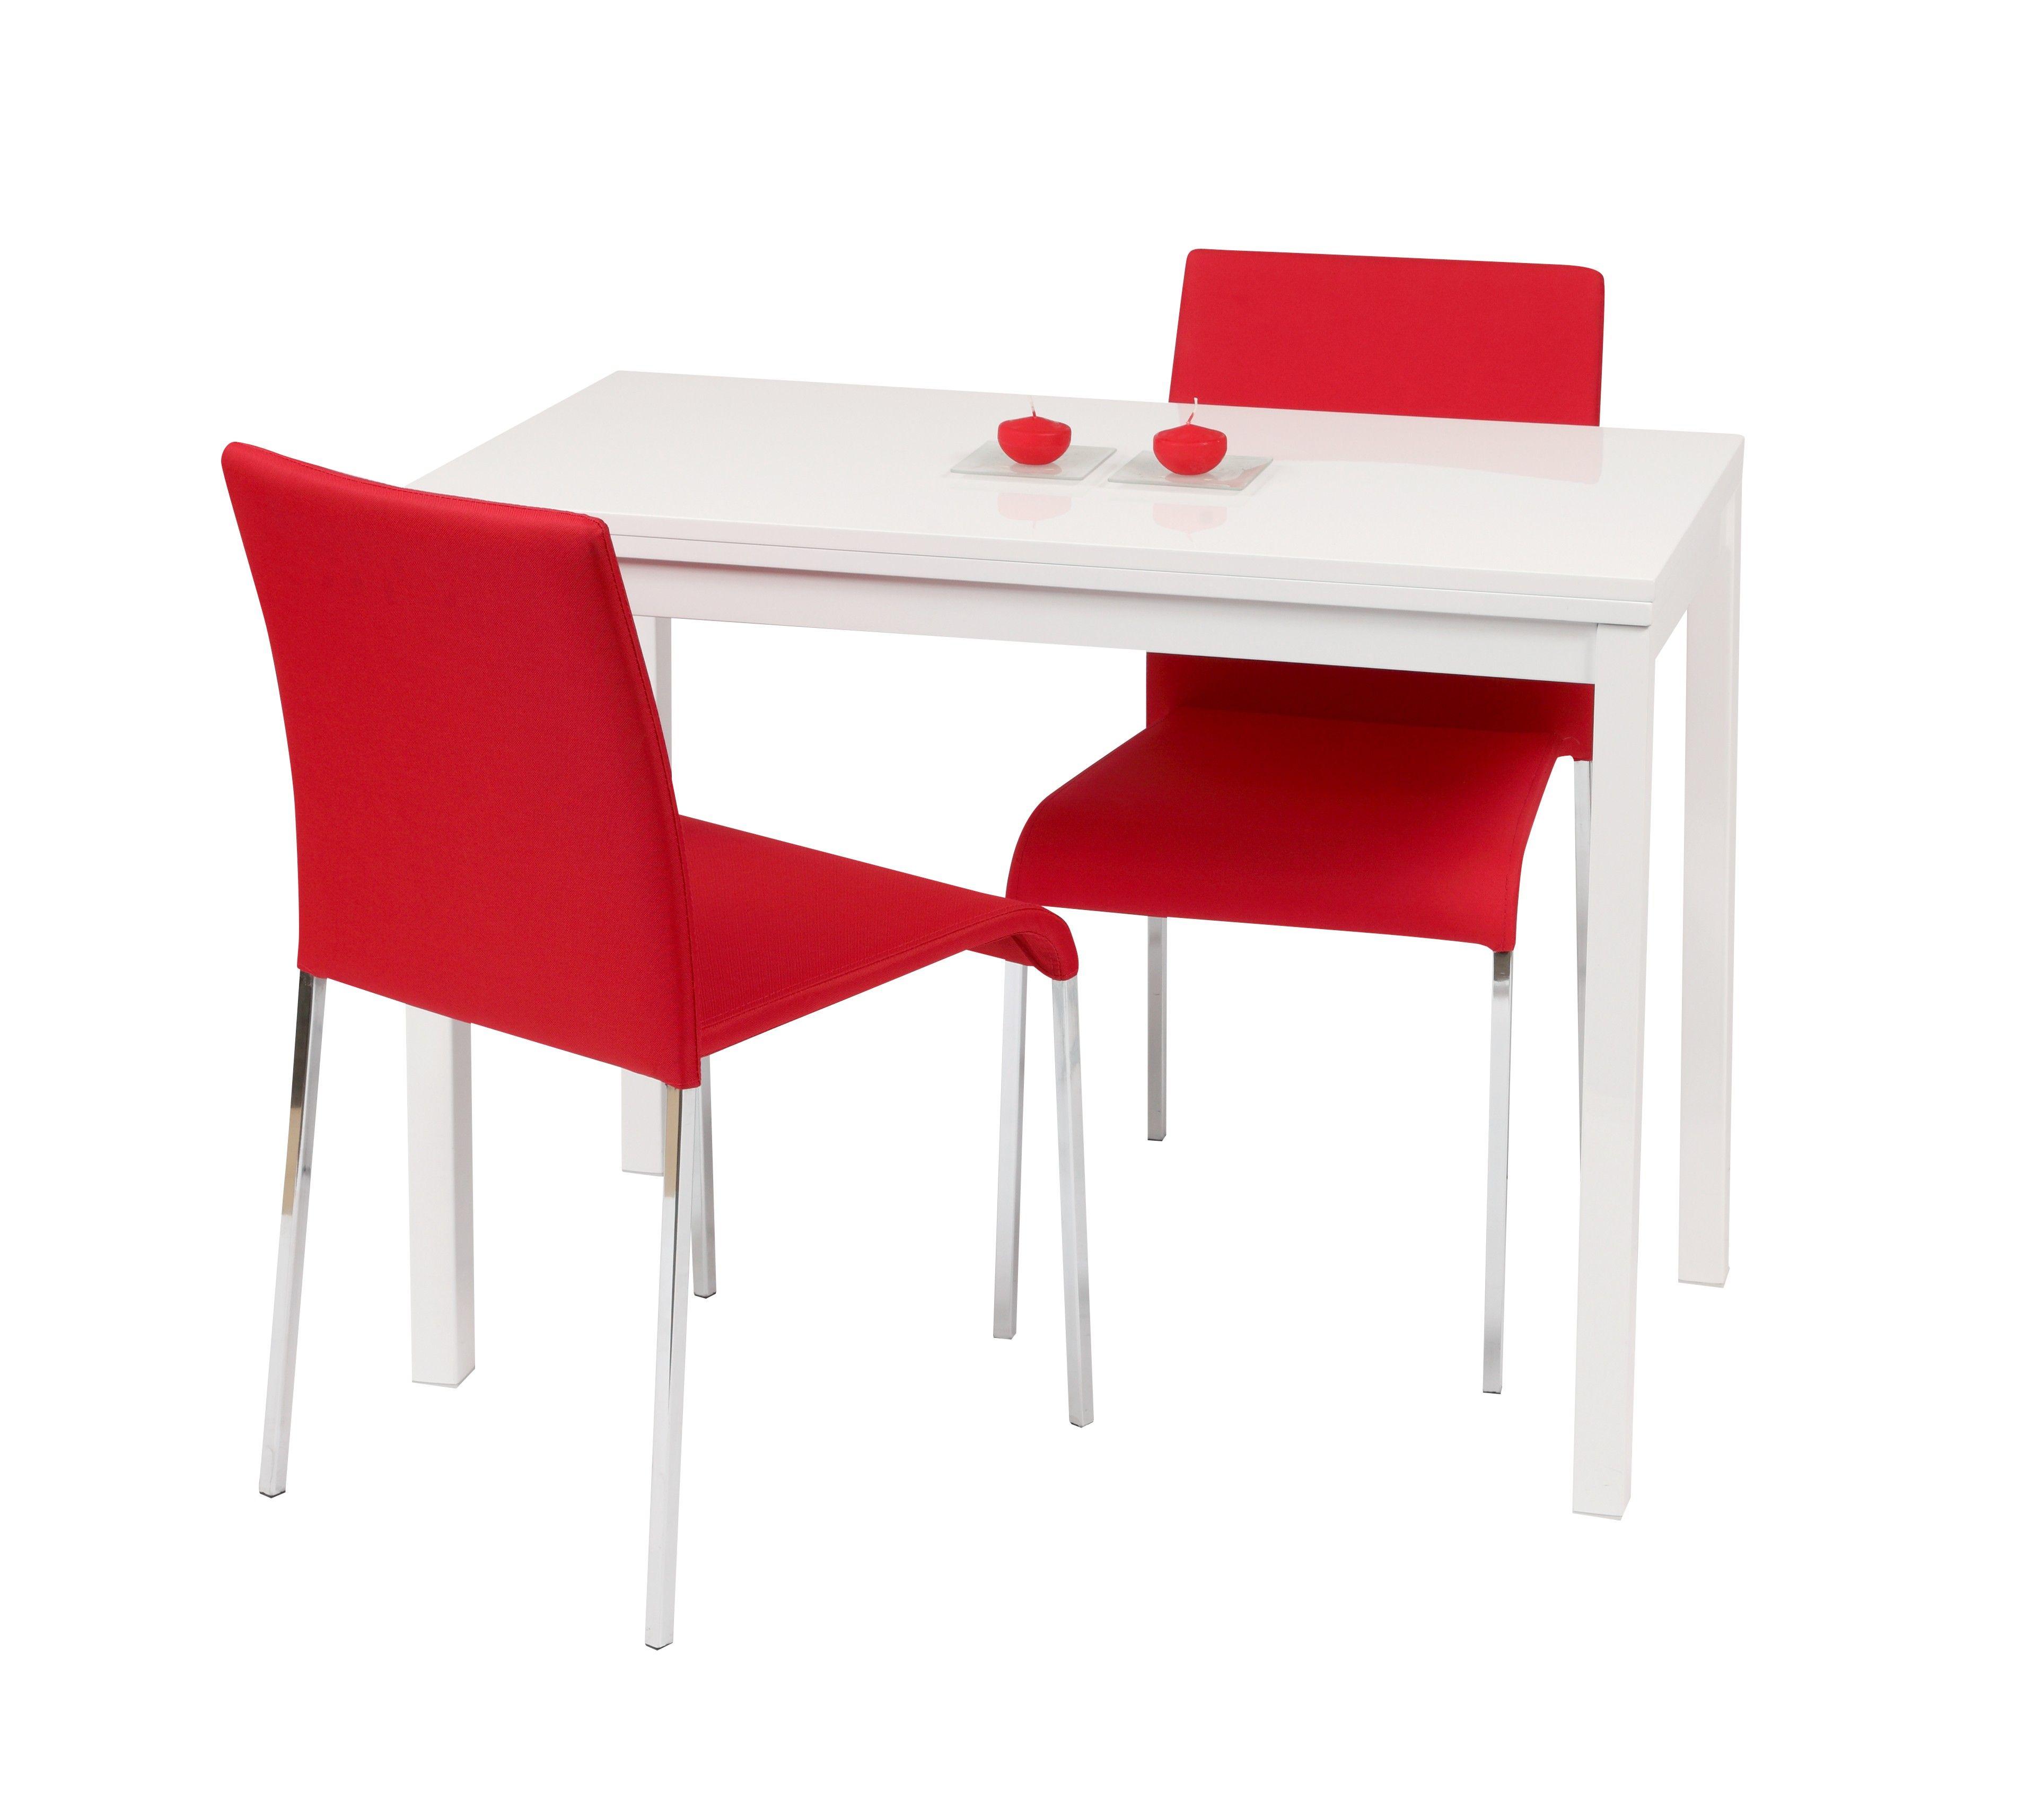 Wunderbare Rot Ess Stuhl Ideen Mehr auf unserer Website